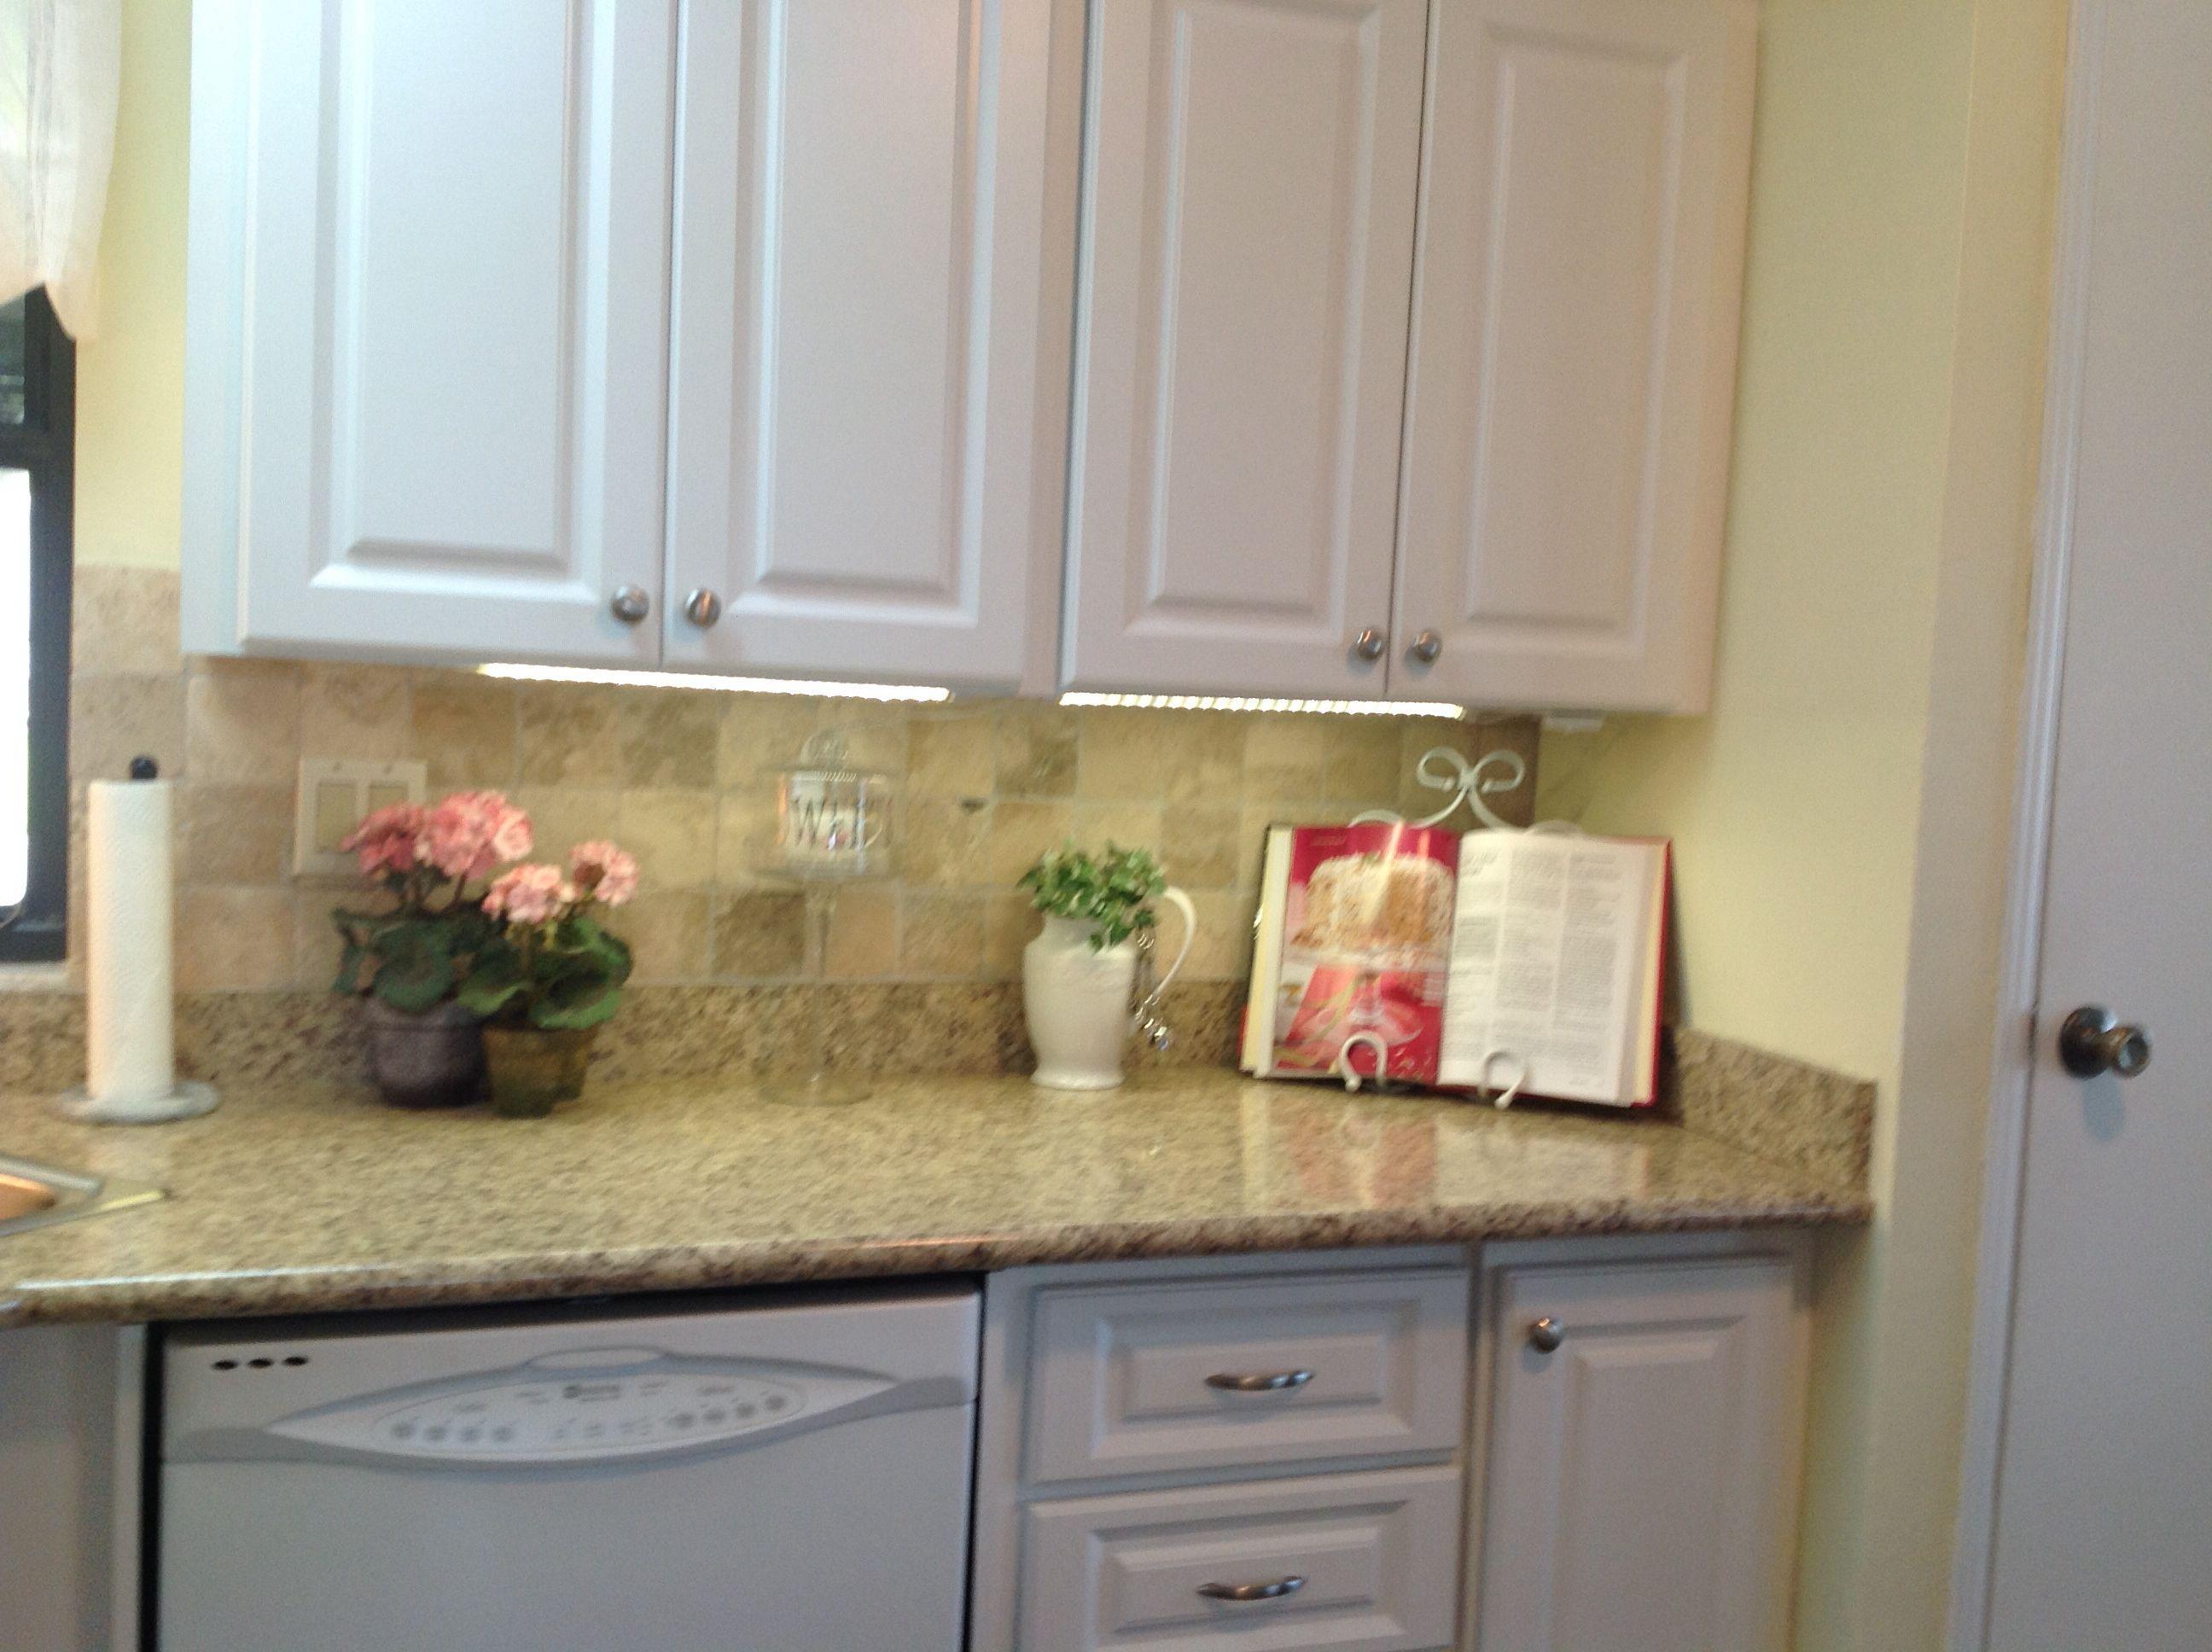 My kitchen | Cottage style, Kitchen cabinets, Kitchen